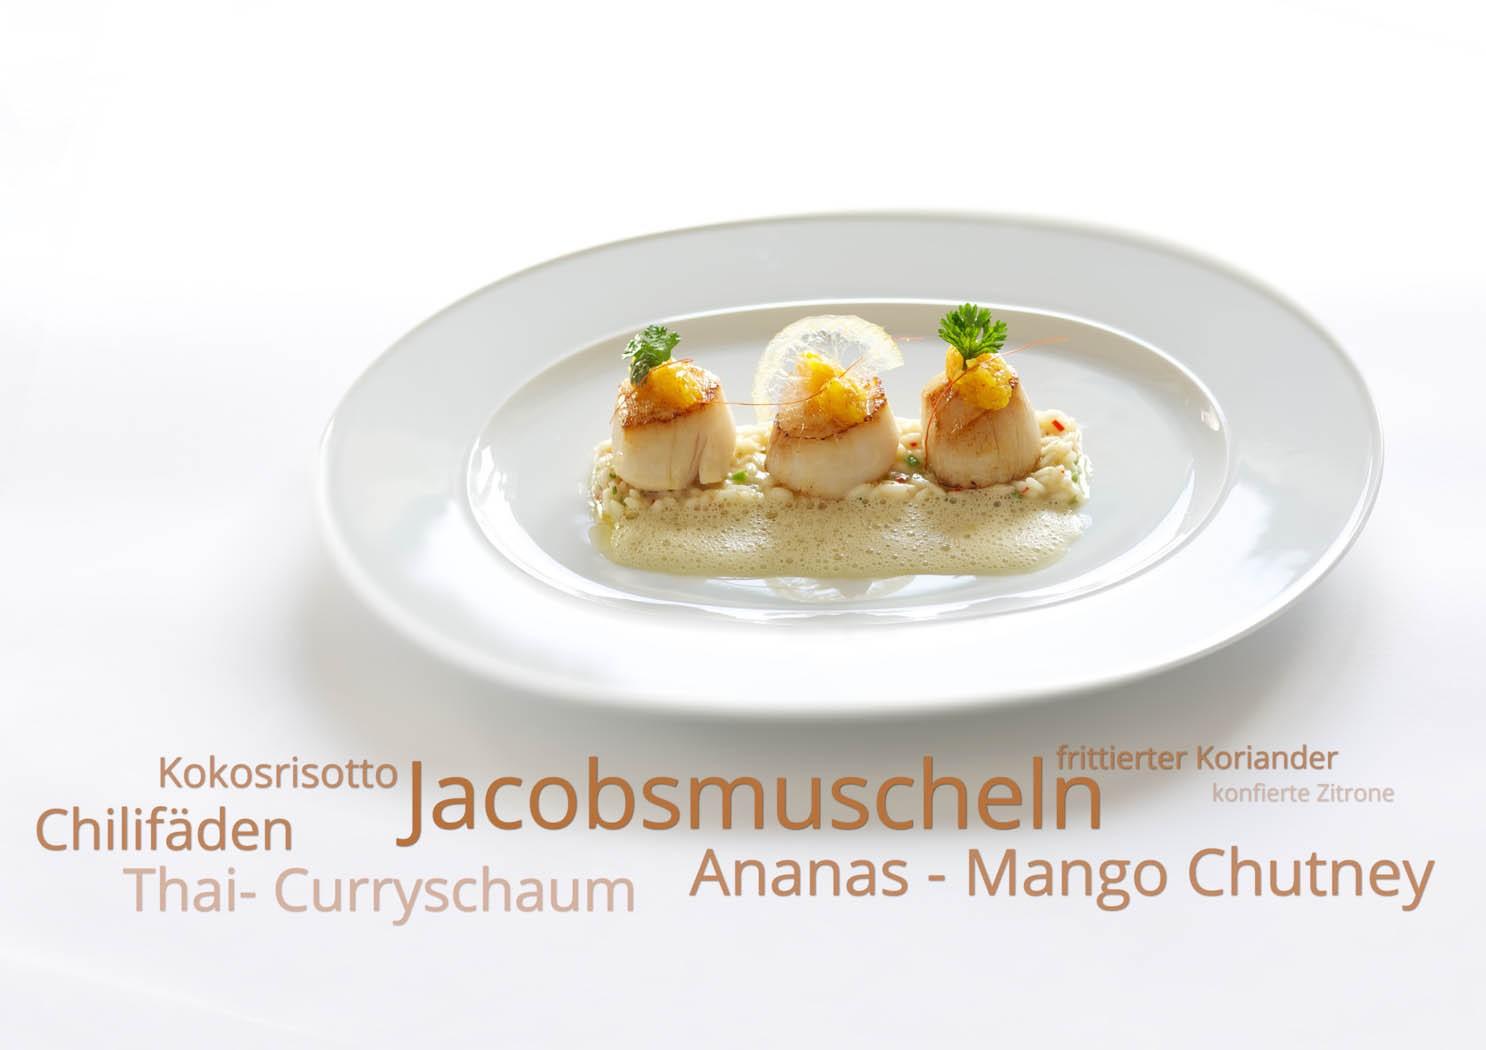 Signature Dish - Harald Wohlfahrt